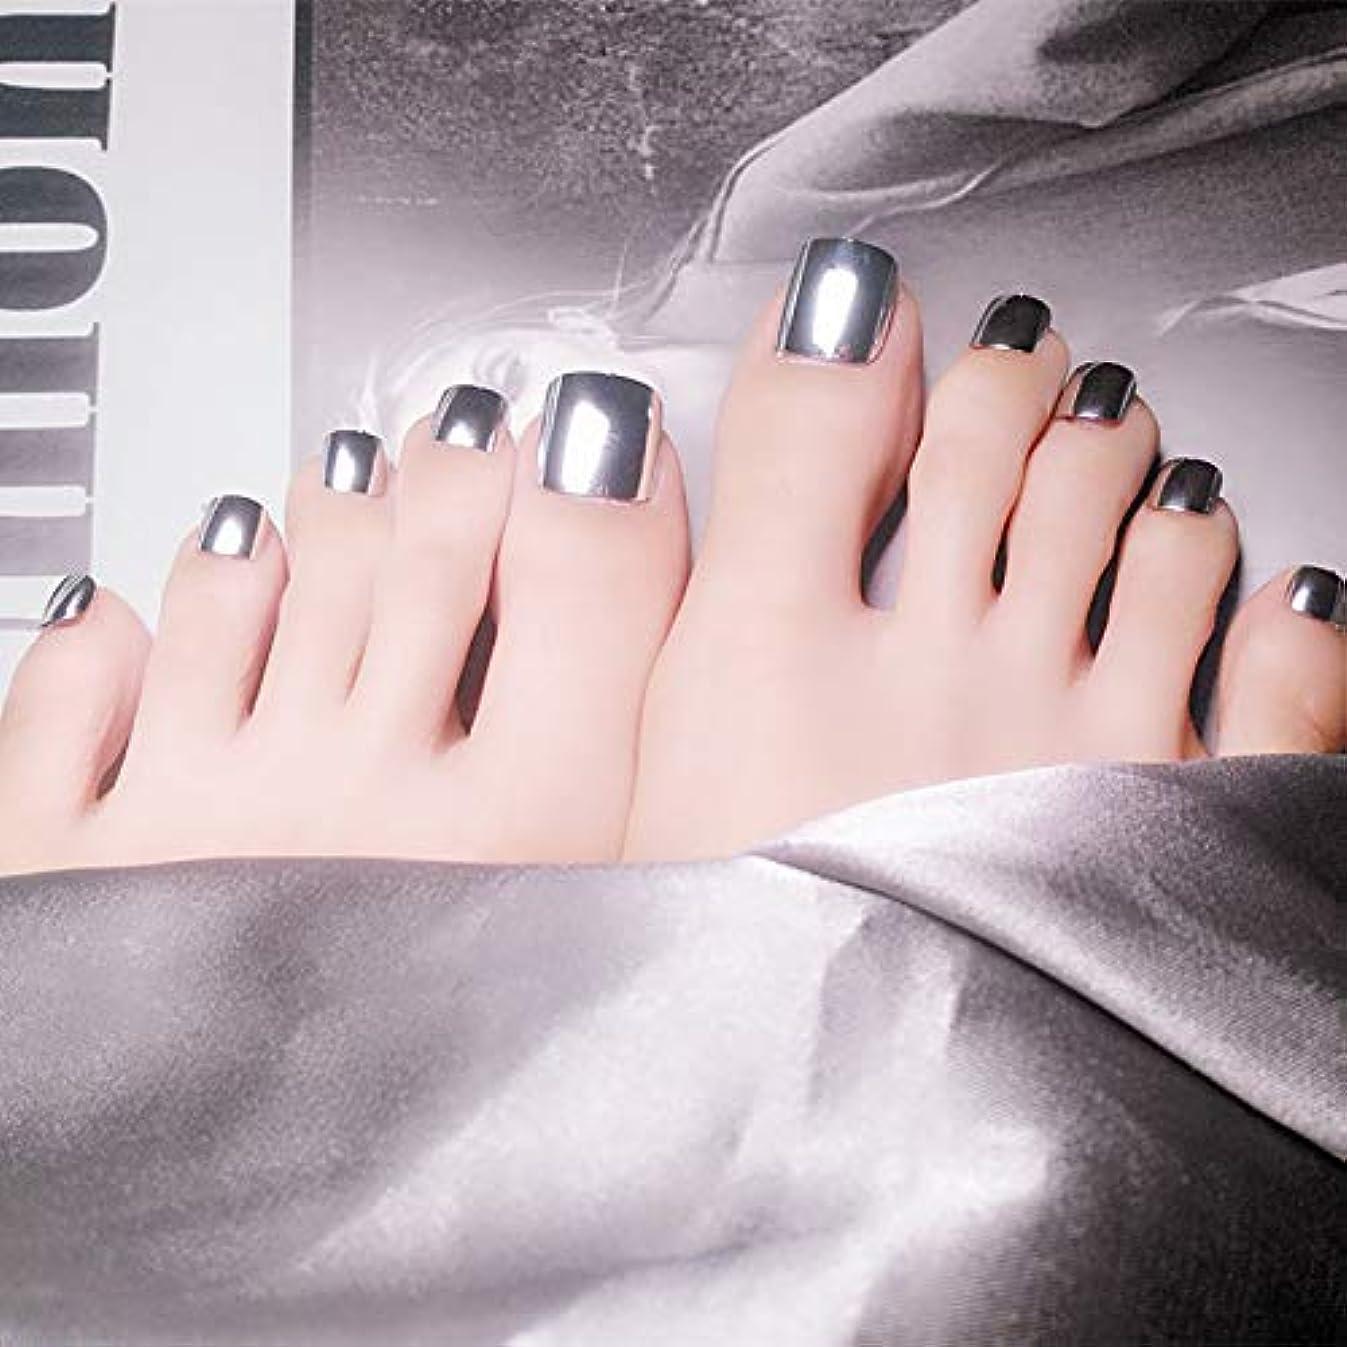 森着飾る略す足用 手作りネイルチップ 欧米で流行るパンク風付け爪 24枚付け爪 フラットヘッド 銀 海辺